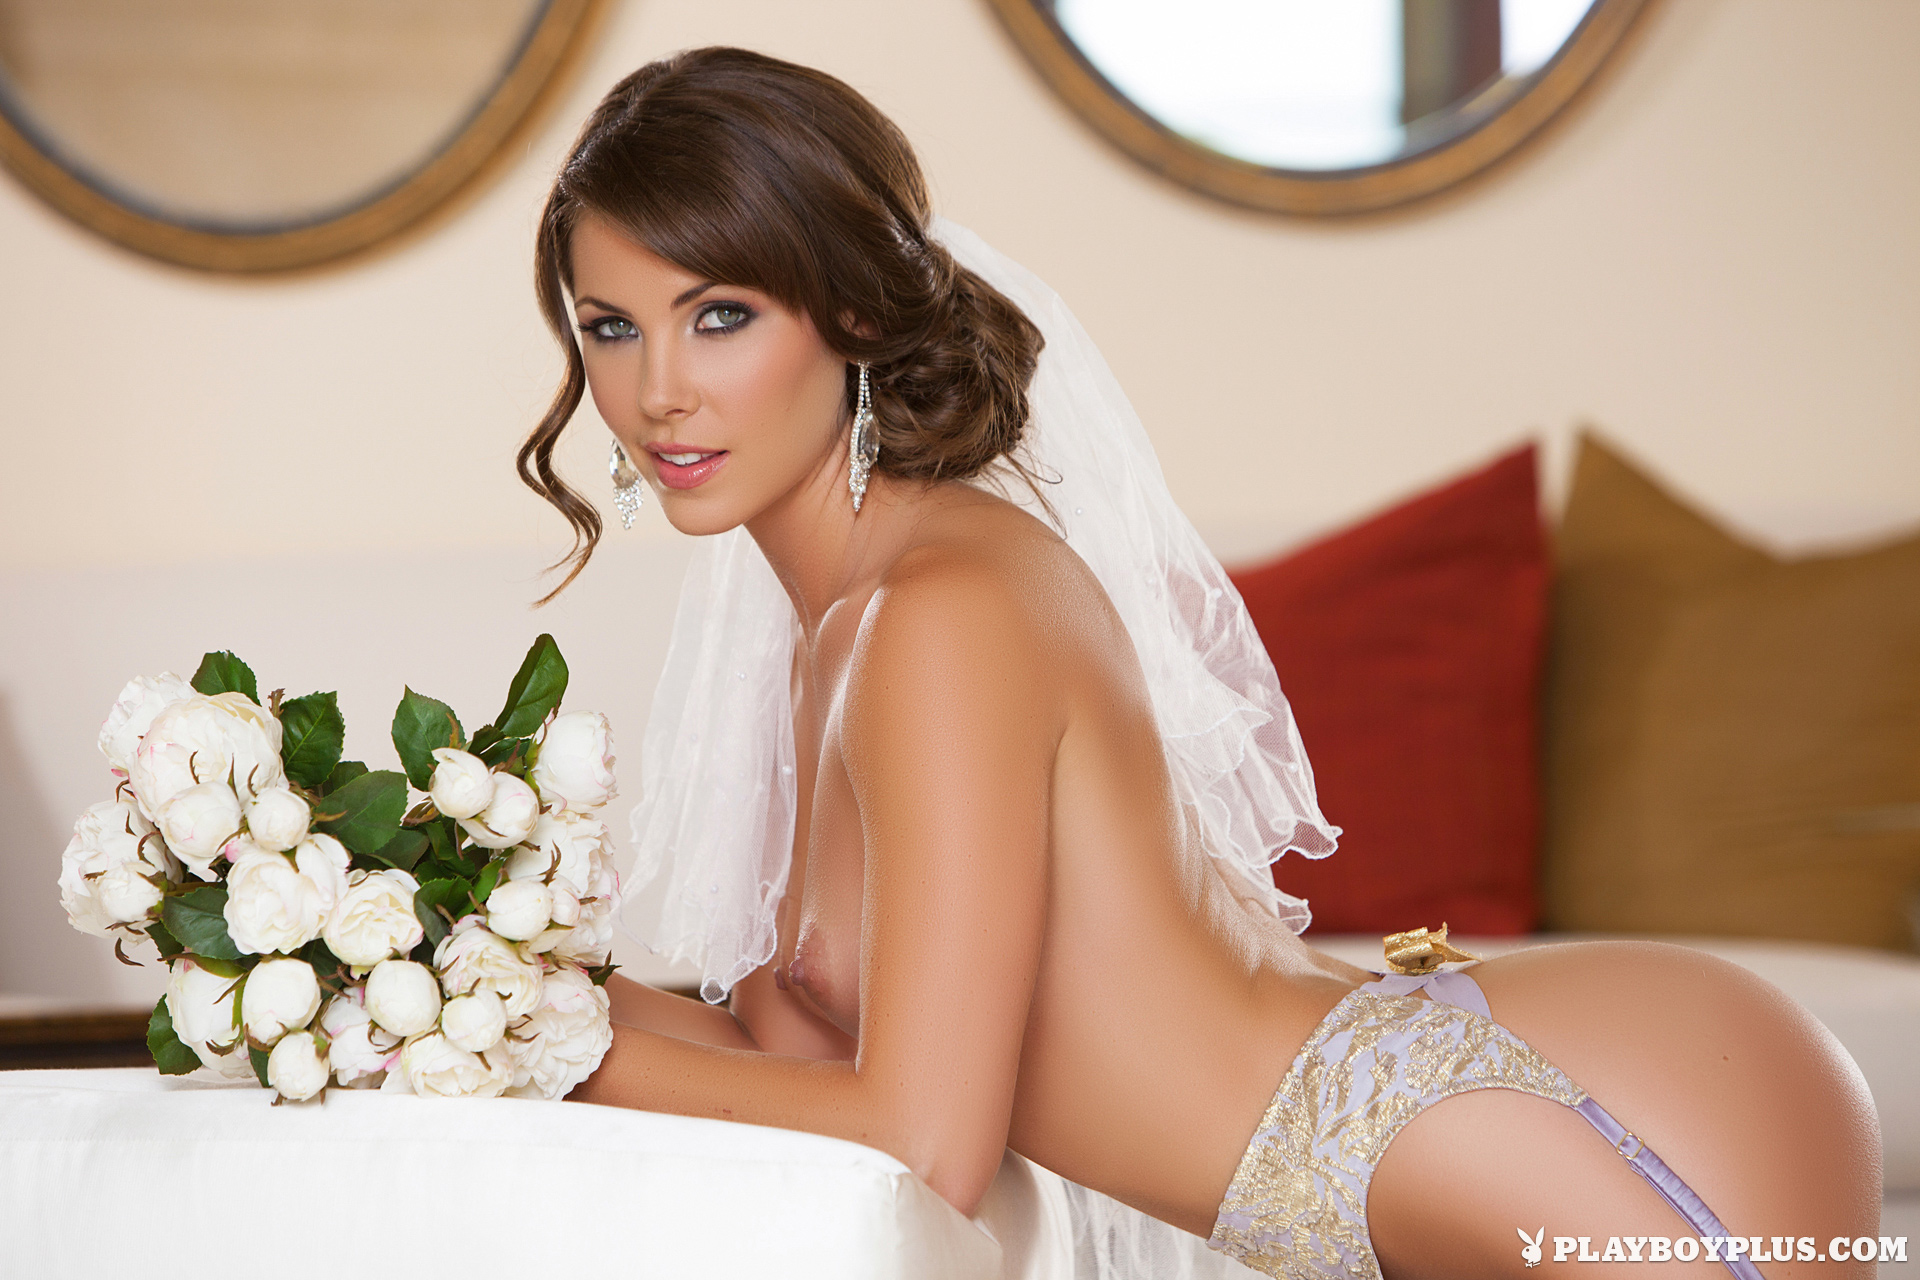 смотреть эротику невесты развратная онлайн